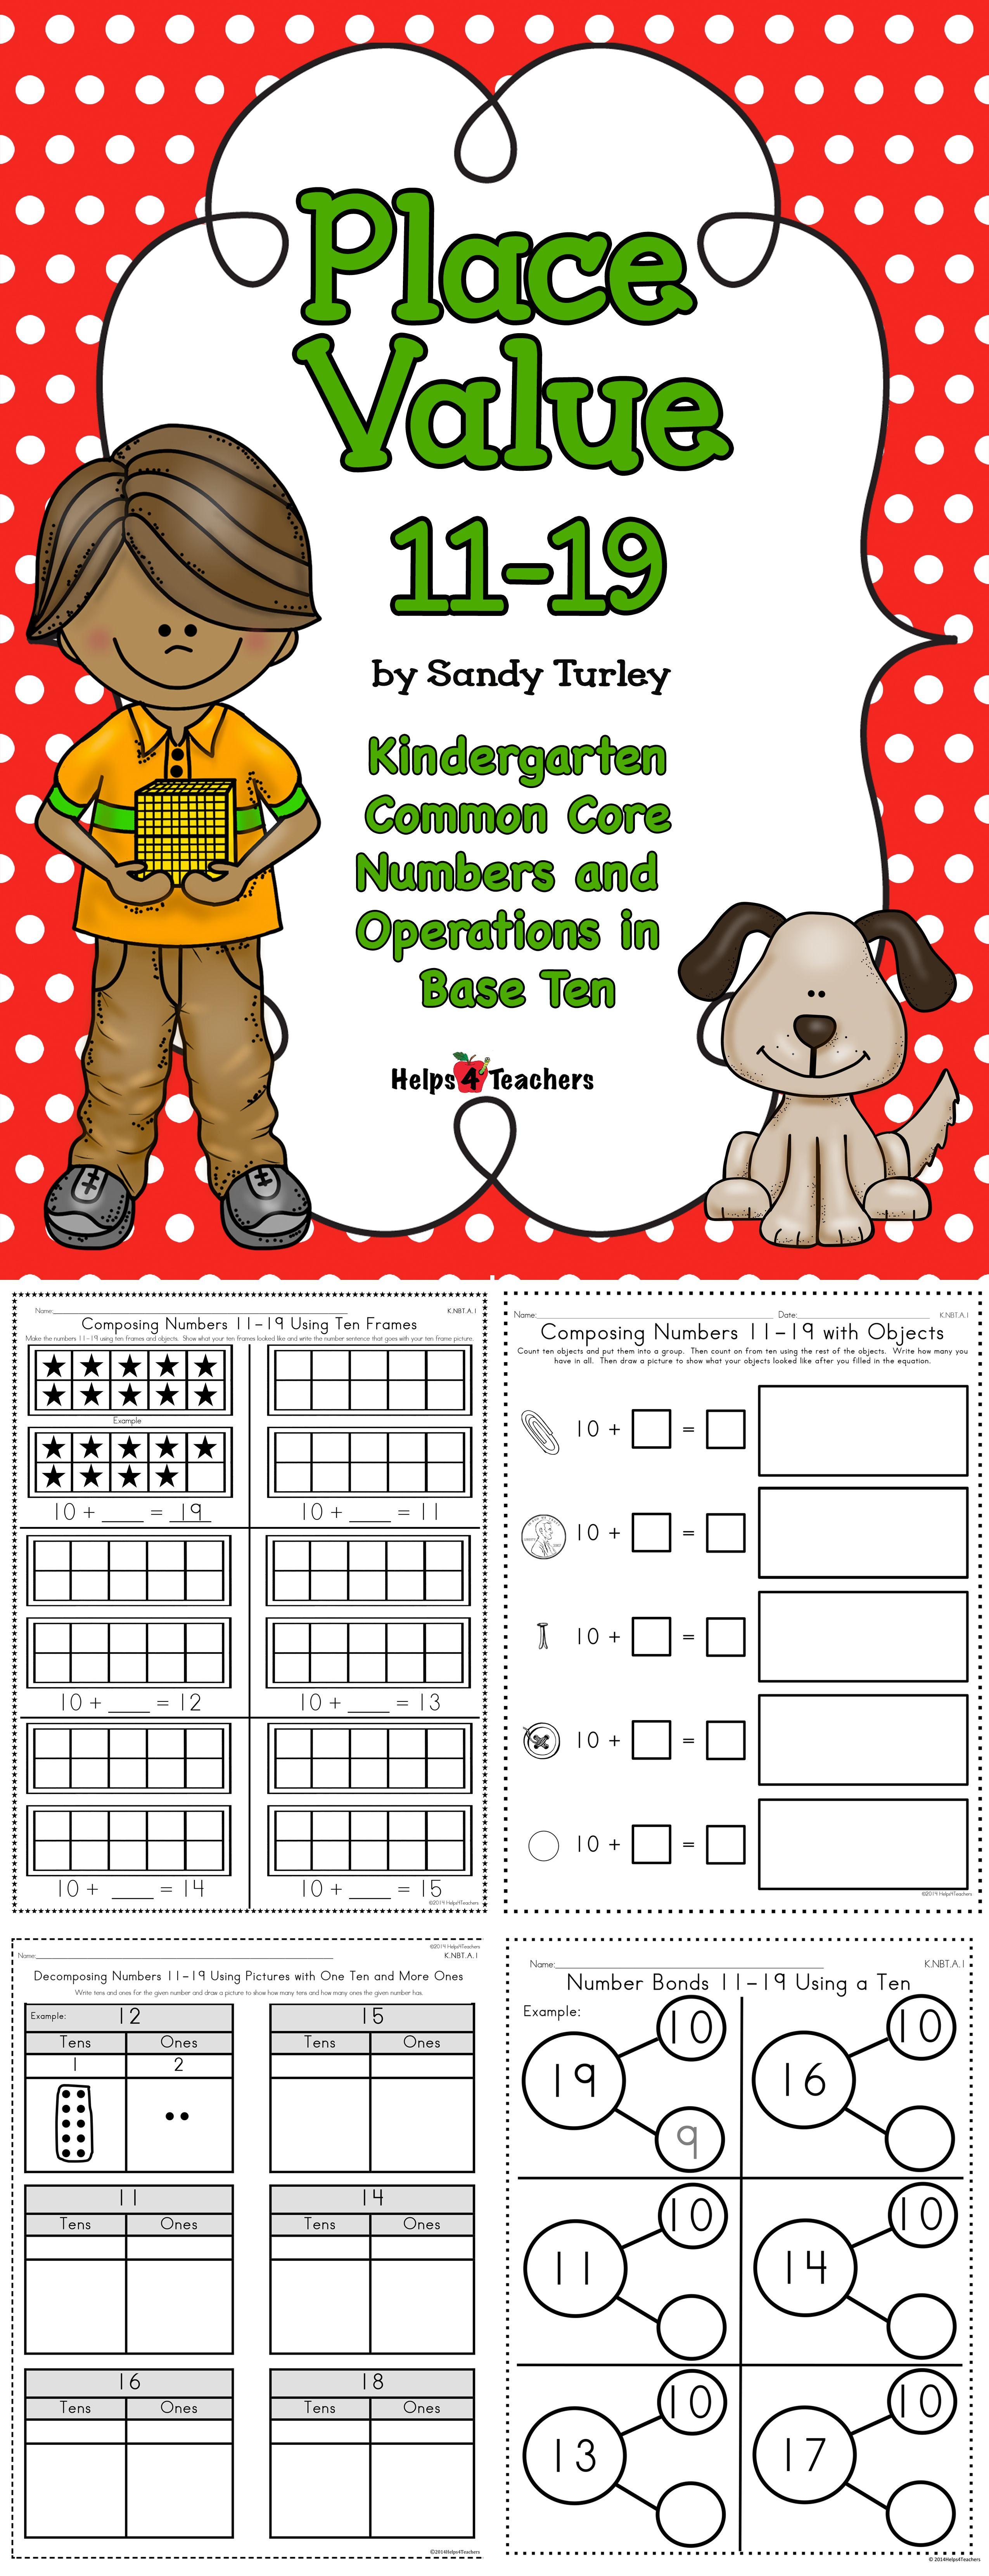 Ccss Kindergarten Nbt A 1 Place Value 11 19